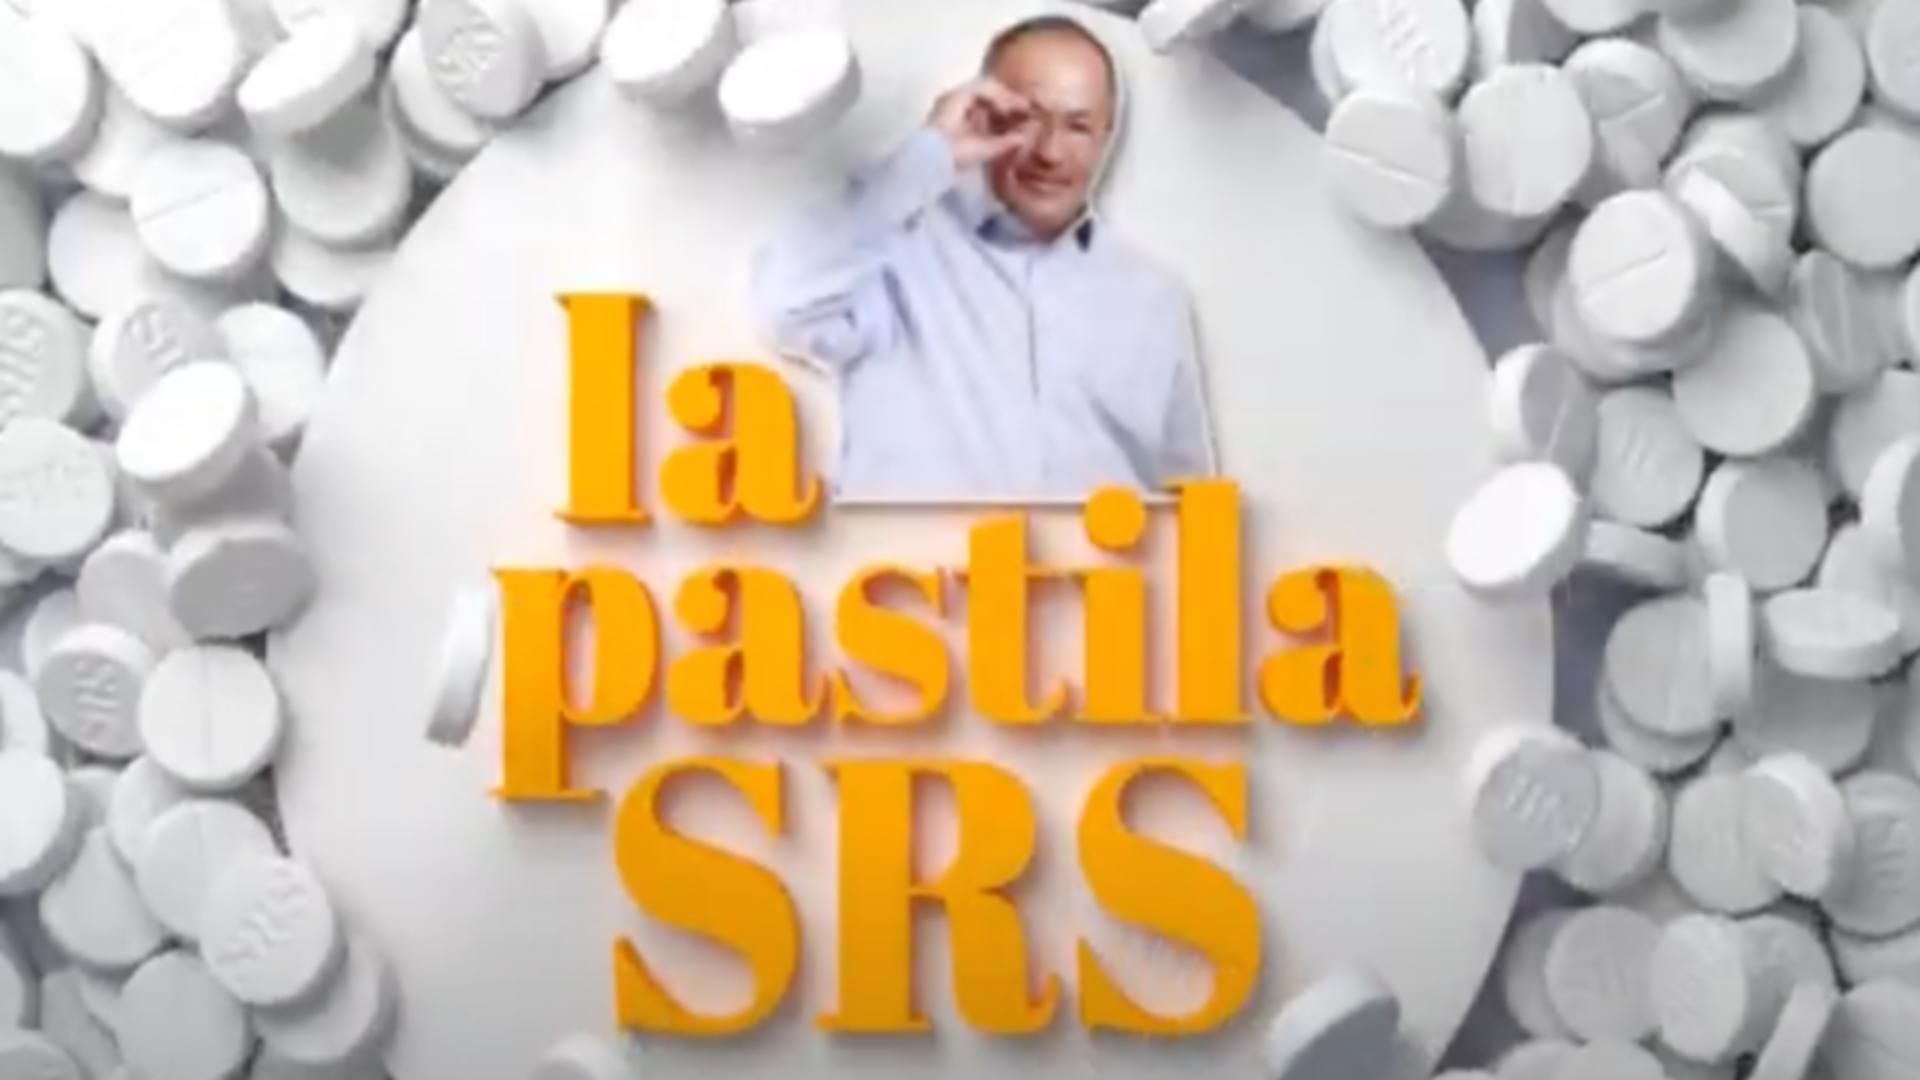 Ia pastila SRS: Impozite pentru coșciuge zburătoare